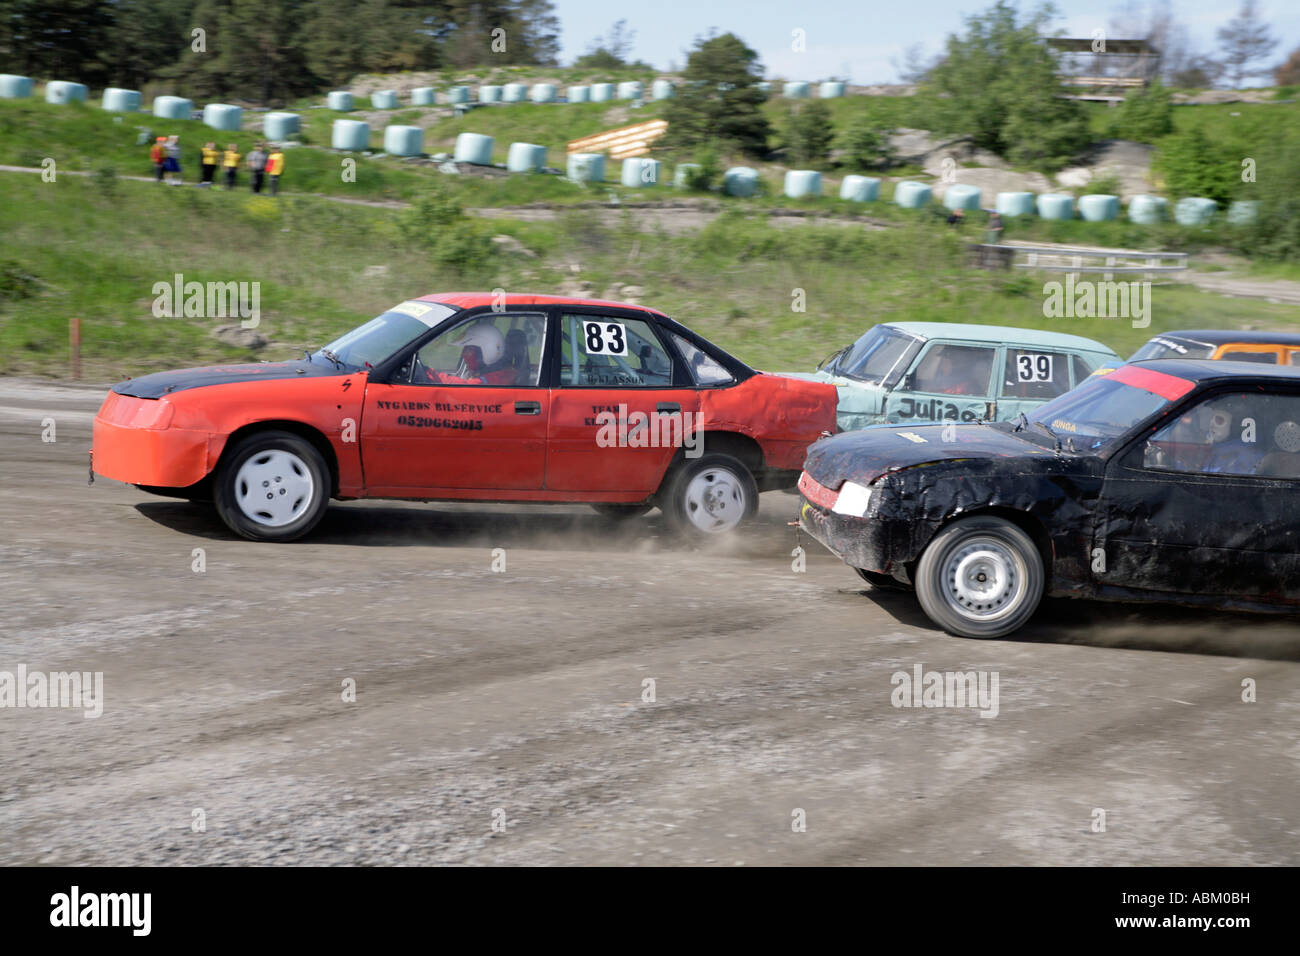 Coches de comenzar el deporte en Suecia Folkrace similares a Banger Racing en el Hipódromo de Torslanda Folkrace Imagen De Stock